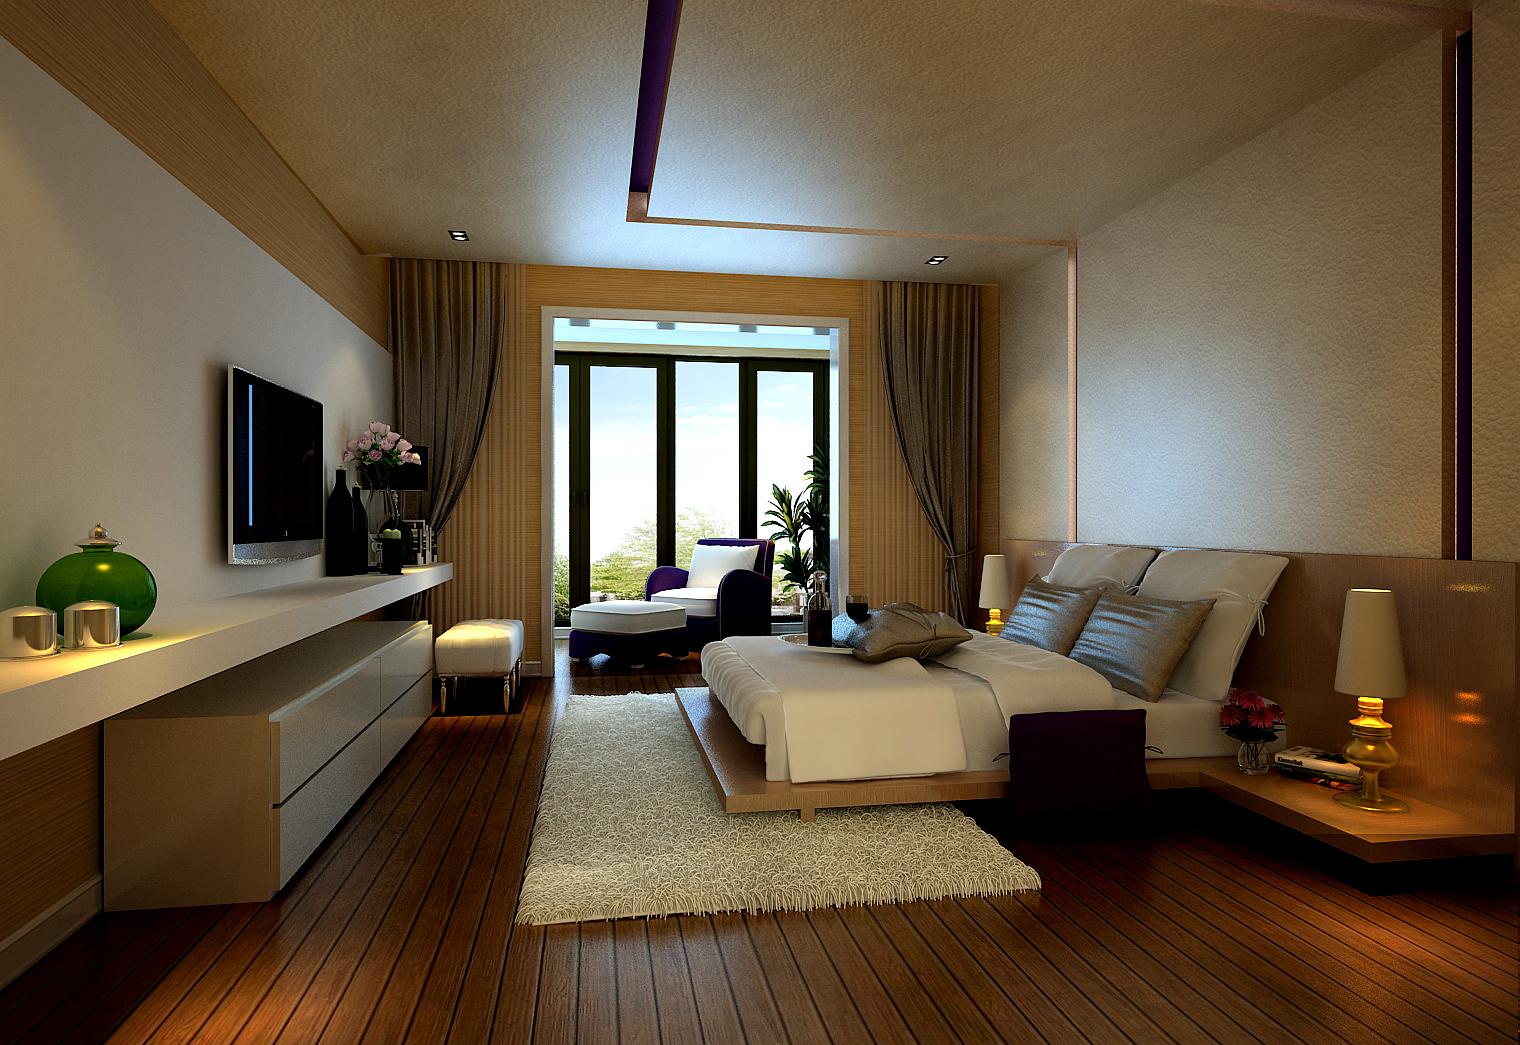 别墅装修 别墅设计 装修设计 尚层装饰 北京尚层 软装配饰 卧室图片来自北京别墅装饰在舒适,现在+智能化的现在风格的分享